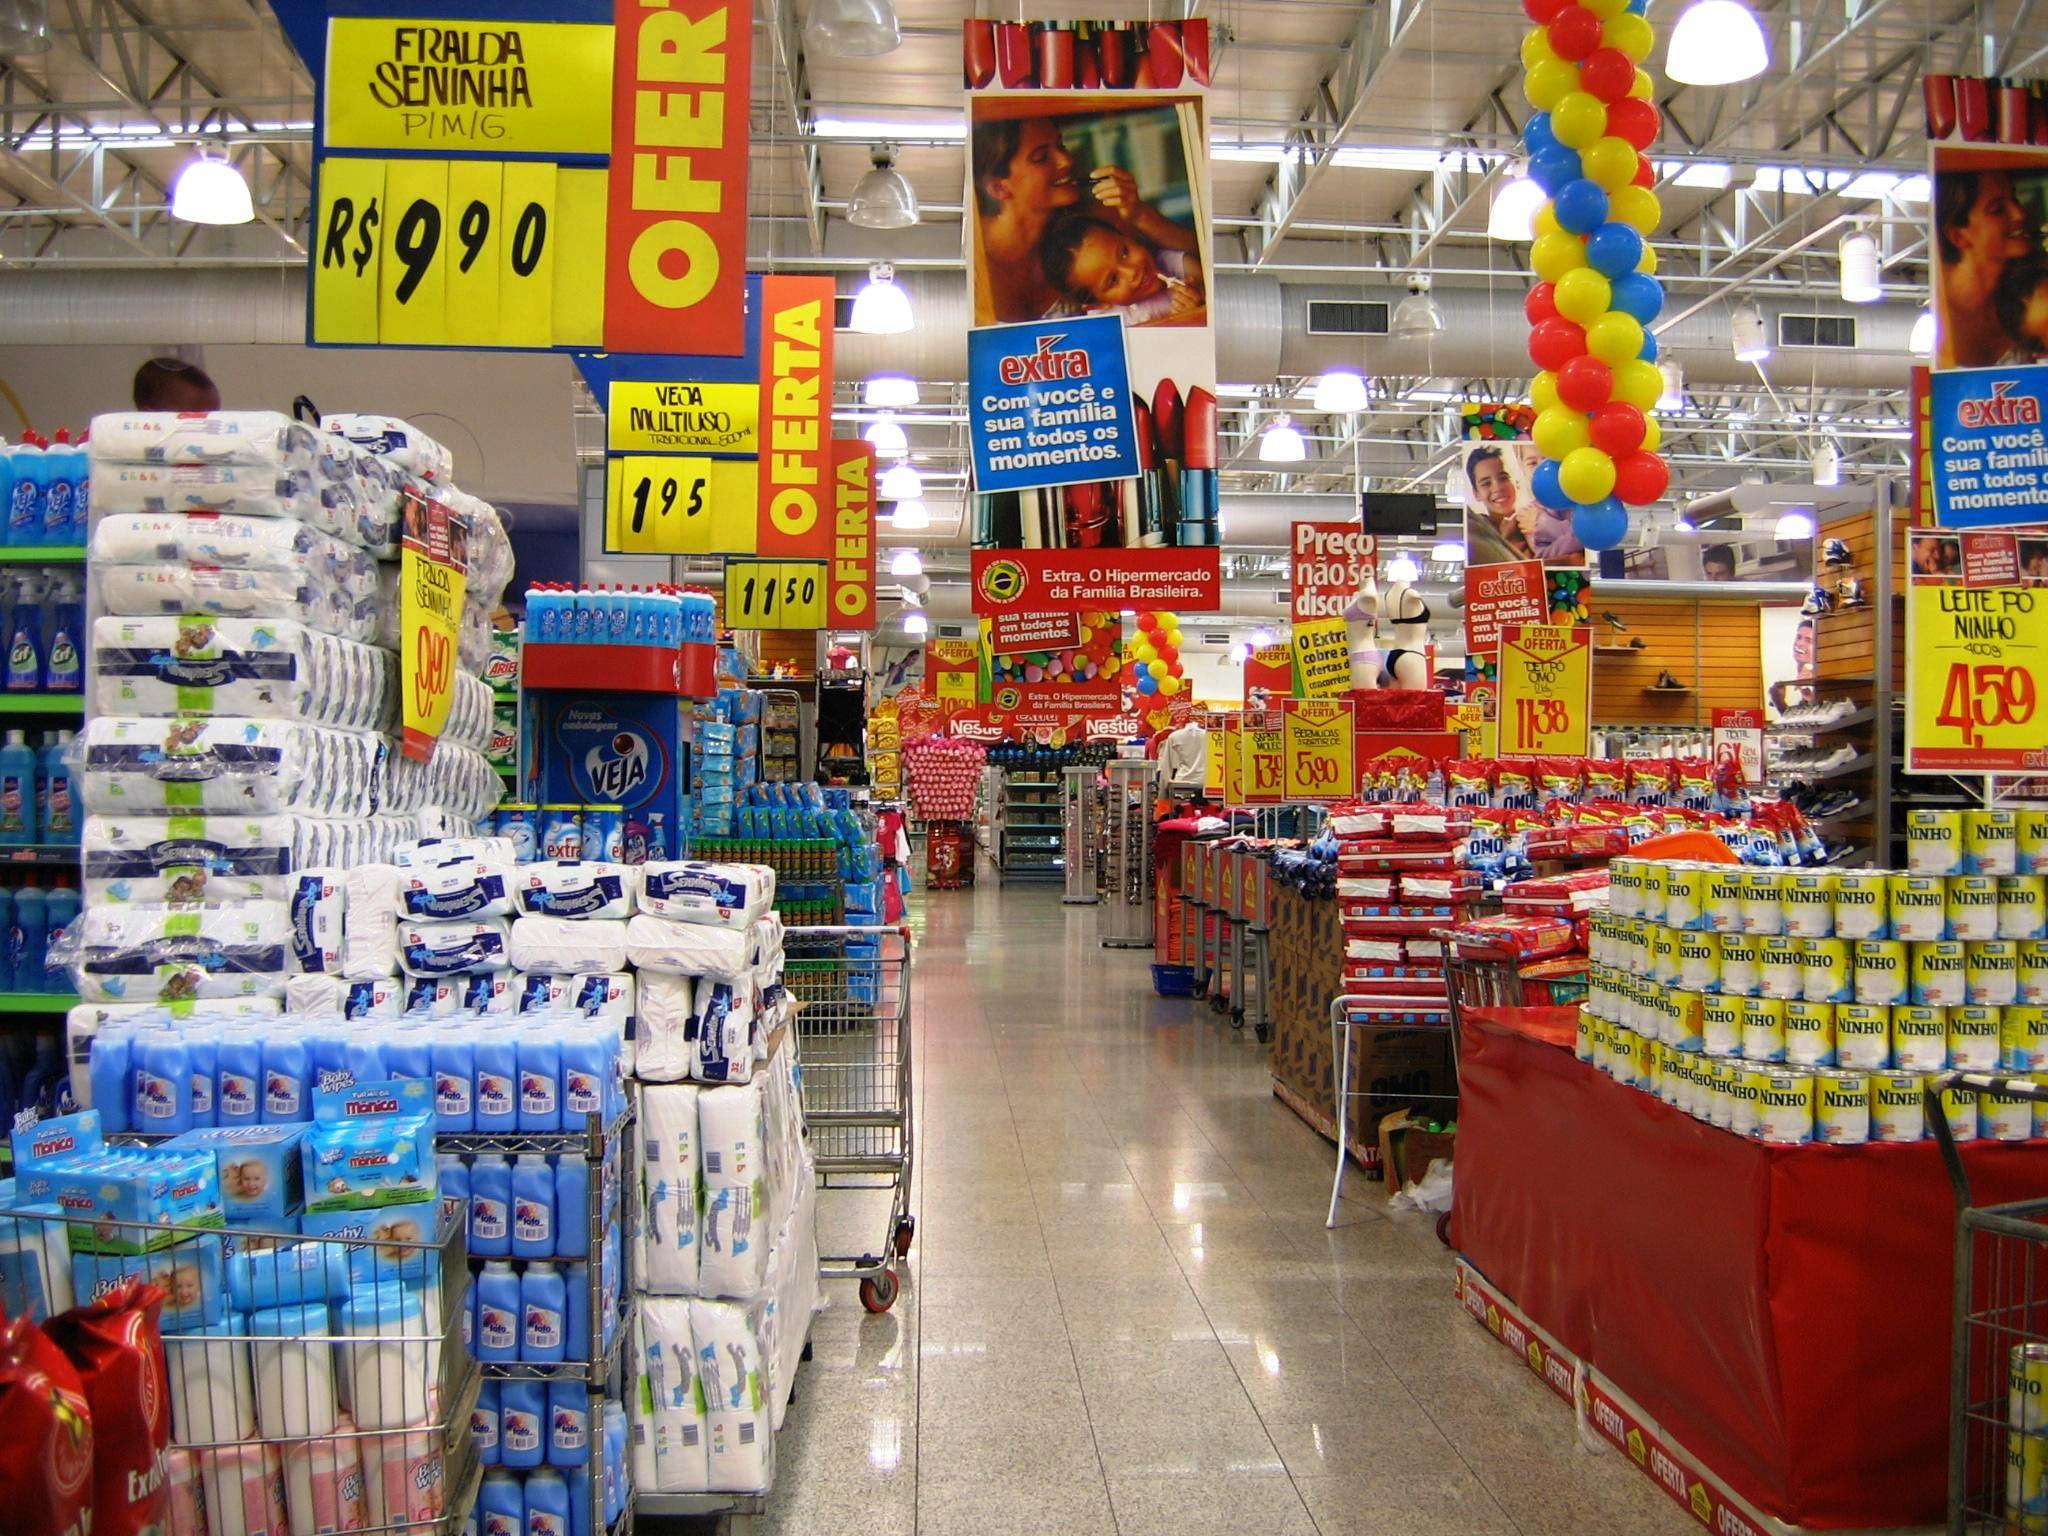 Vas al supermercado entra y mira como te manipulan for Vas al